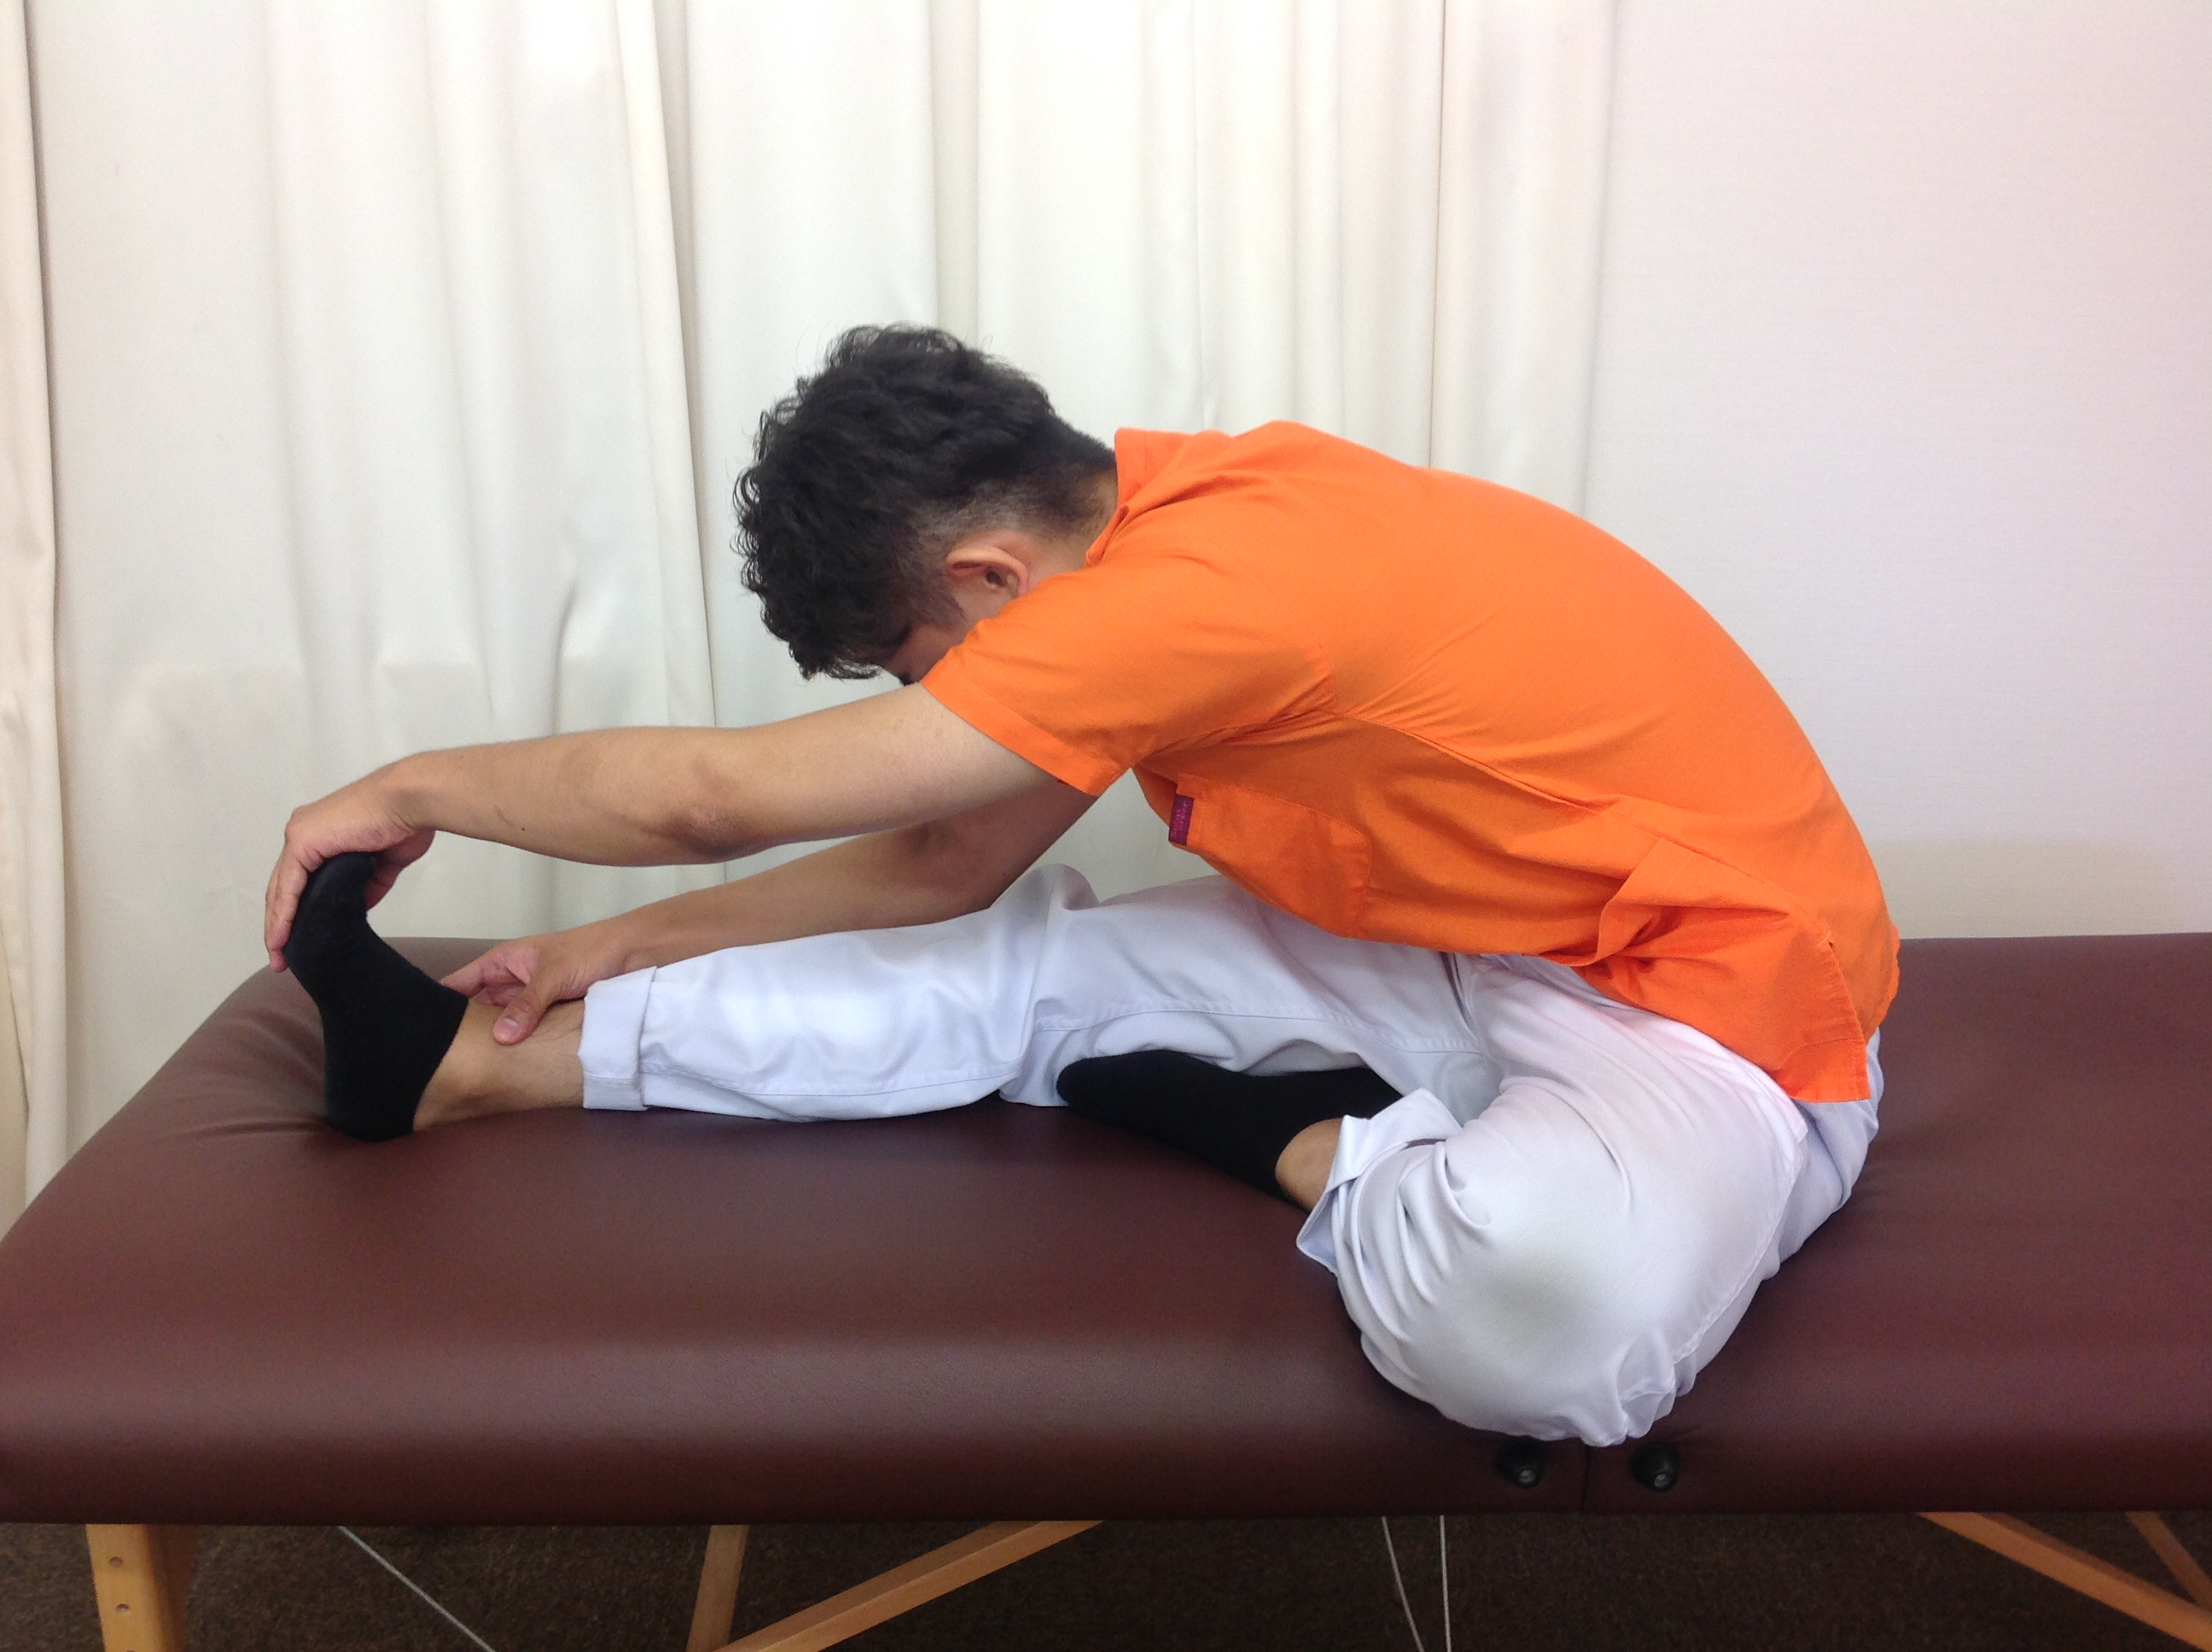 ストレッチで悪化する腰痛の原因とは?